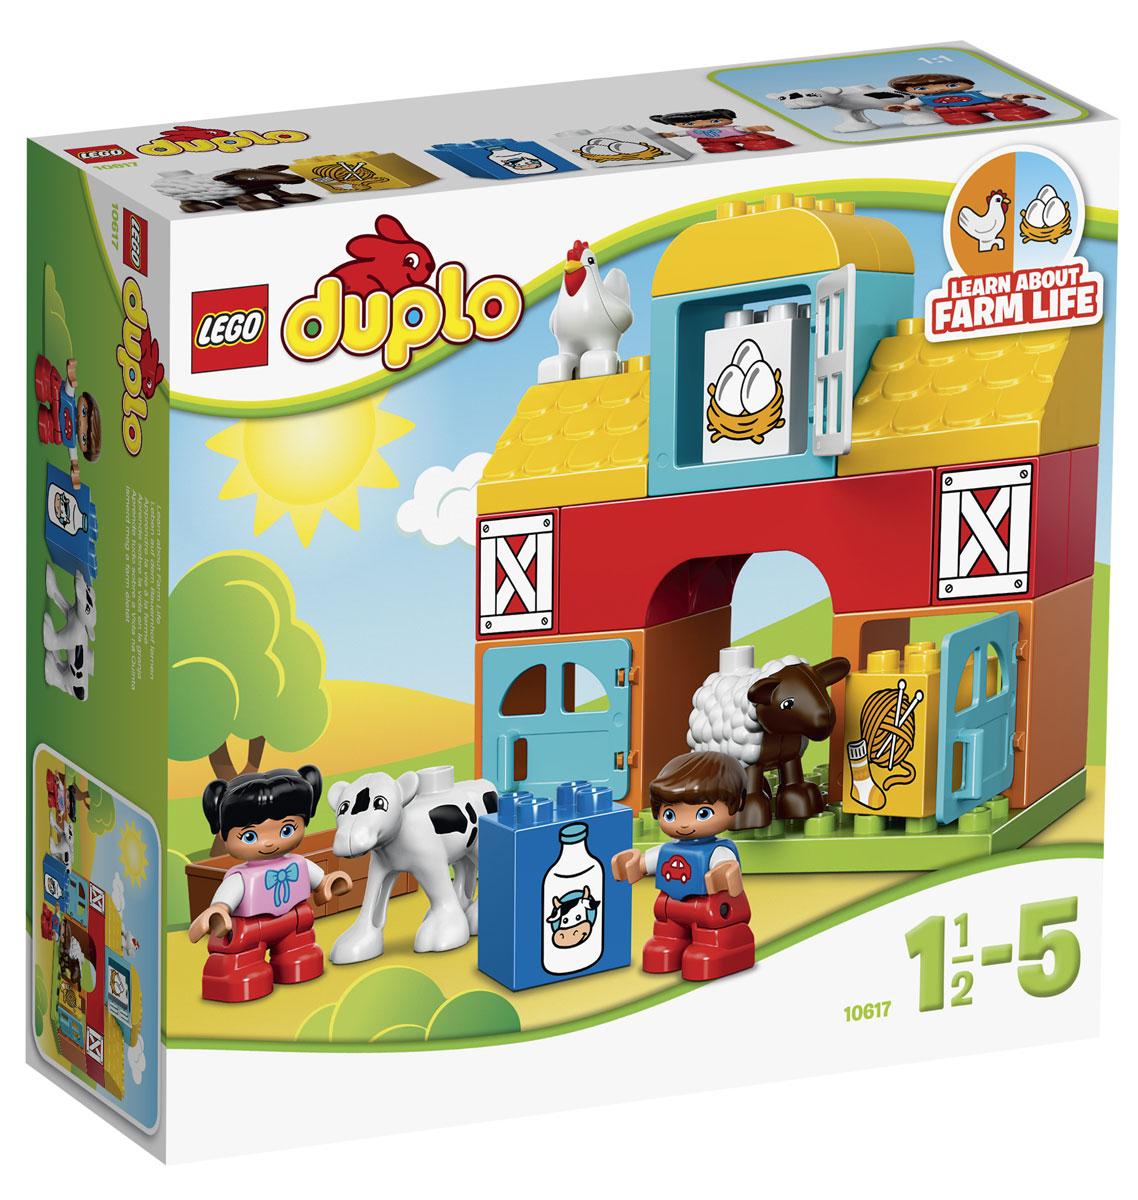 LEGO DUPLO Конструктор Моя первая ферма 10617 lego duplo конструктор моя первая ферма